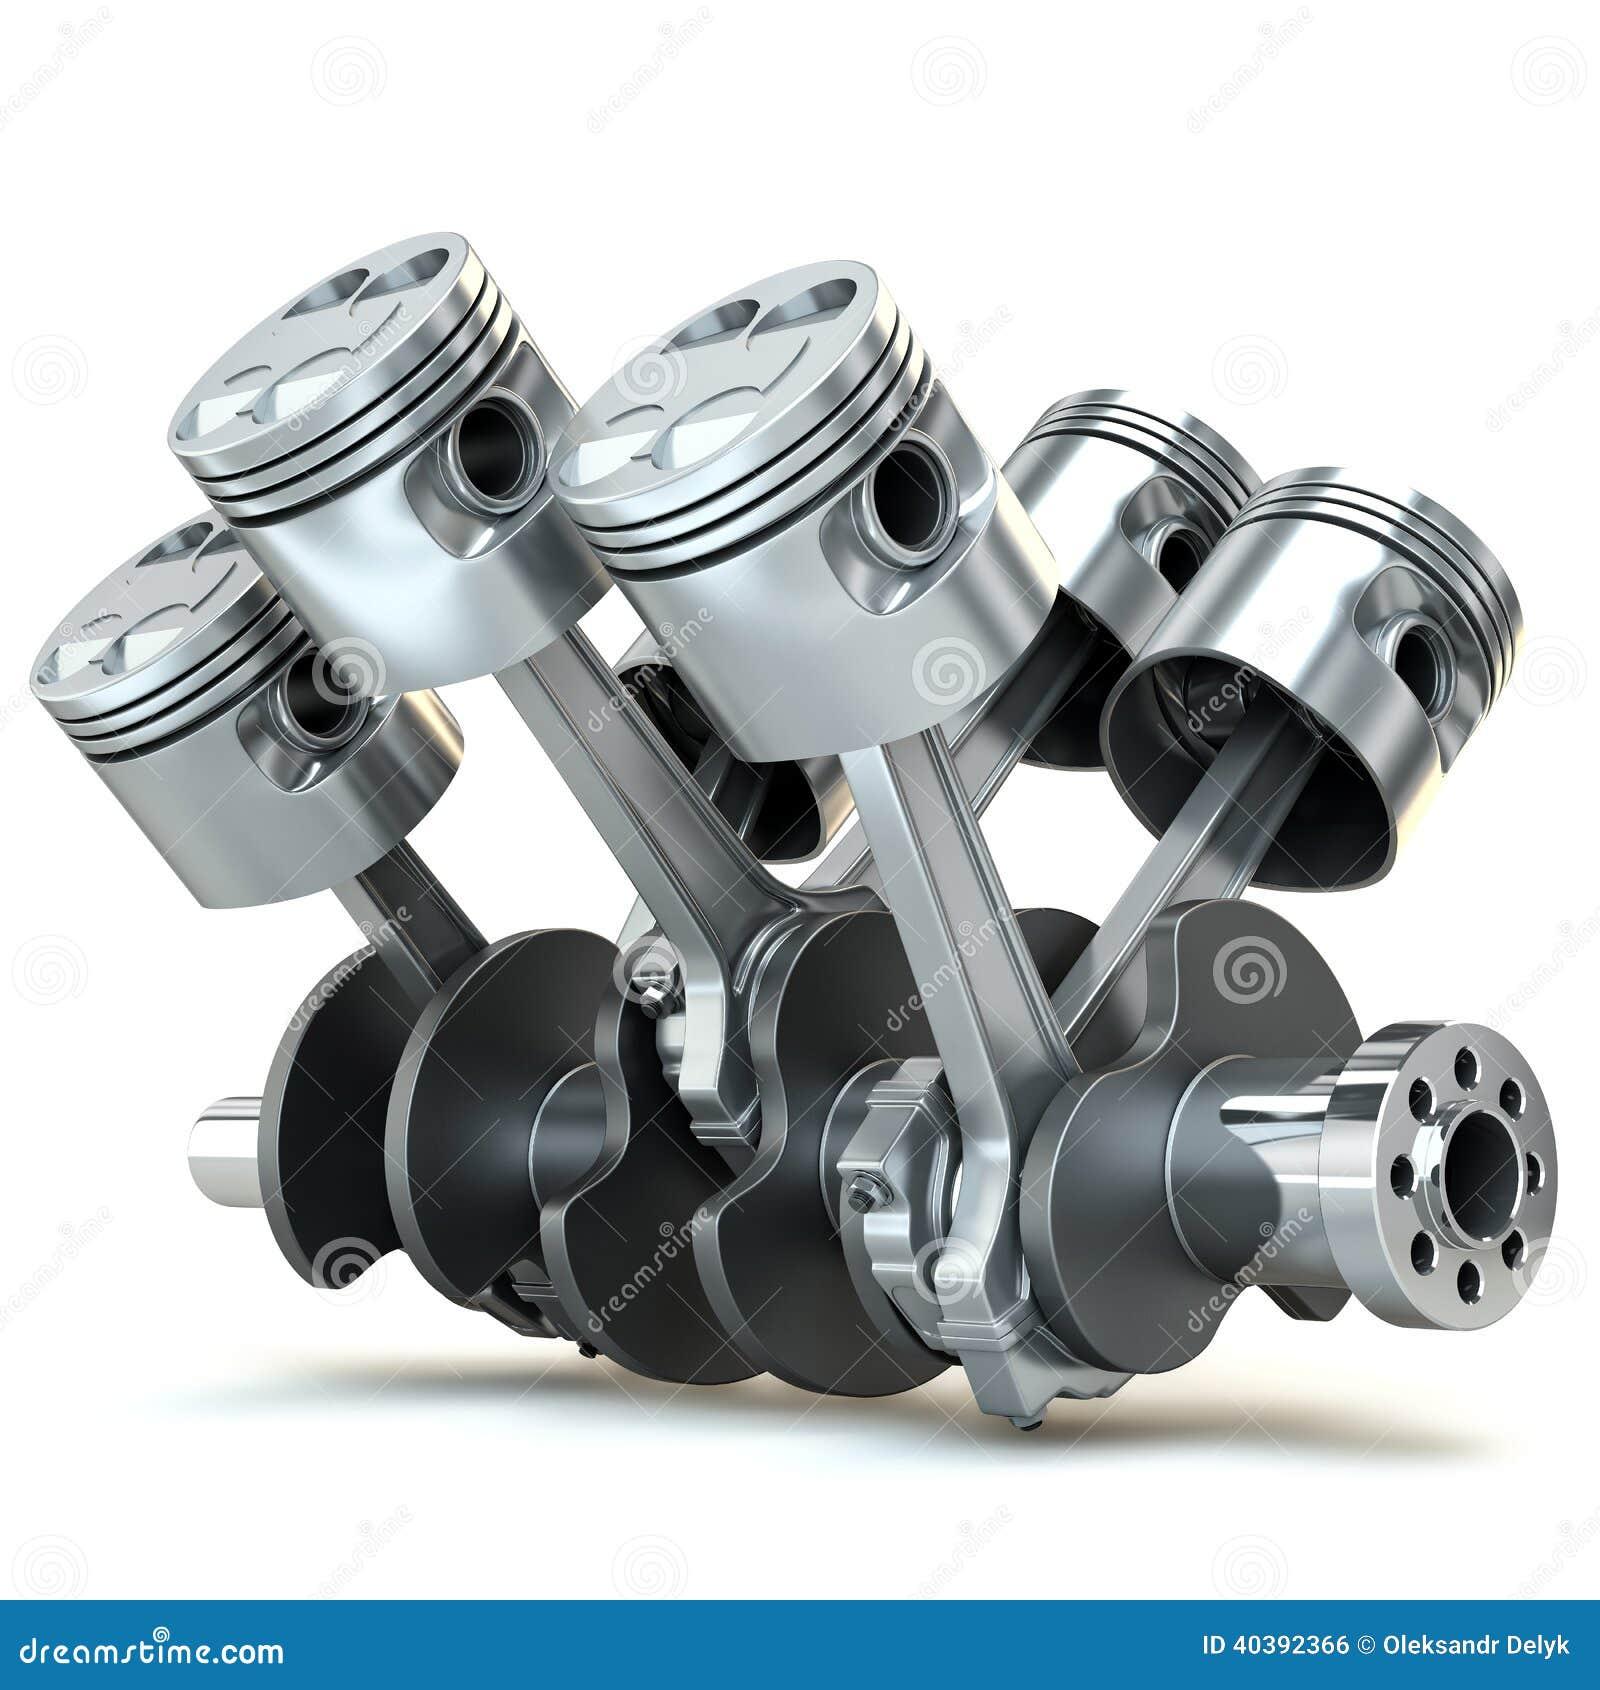 V6 engine pistons. 3D image.